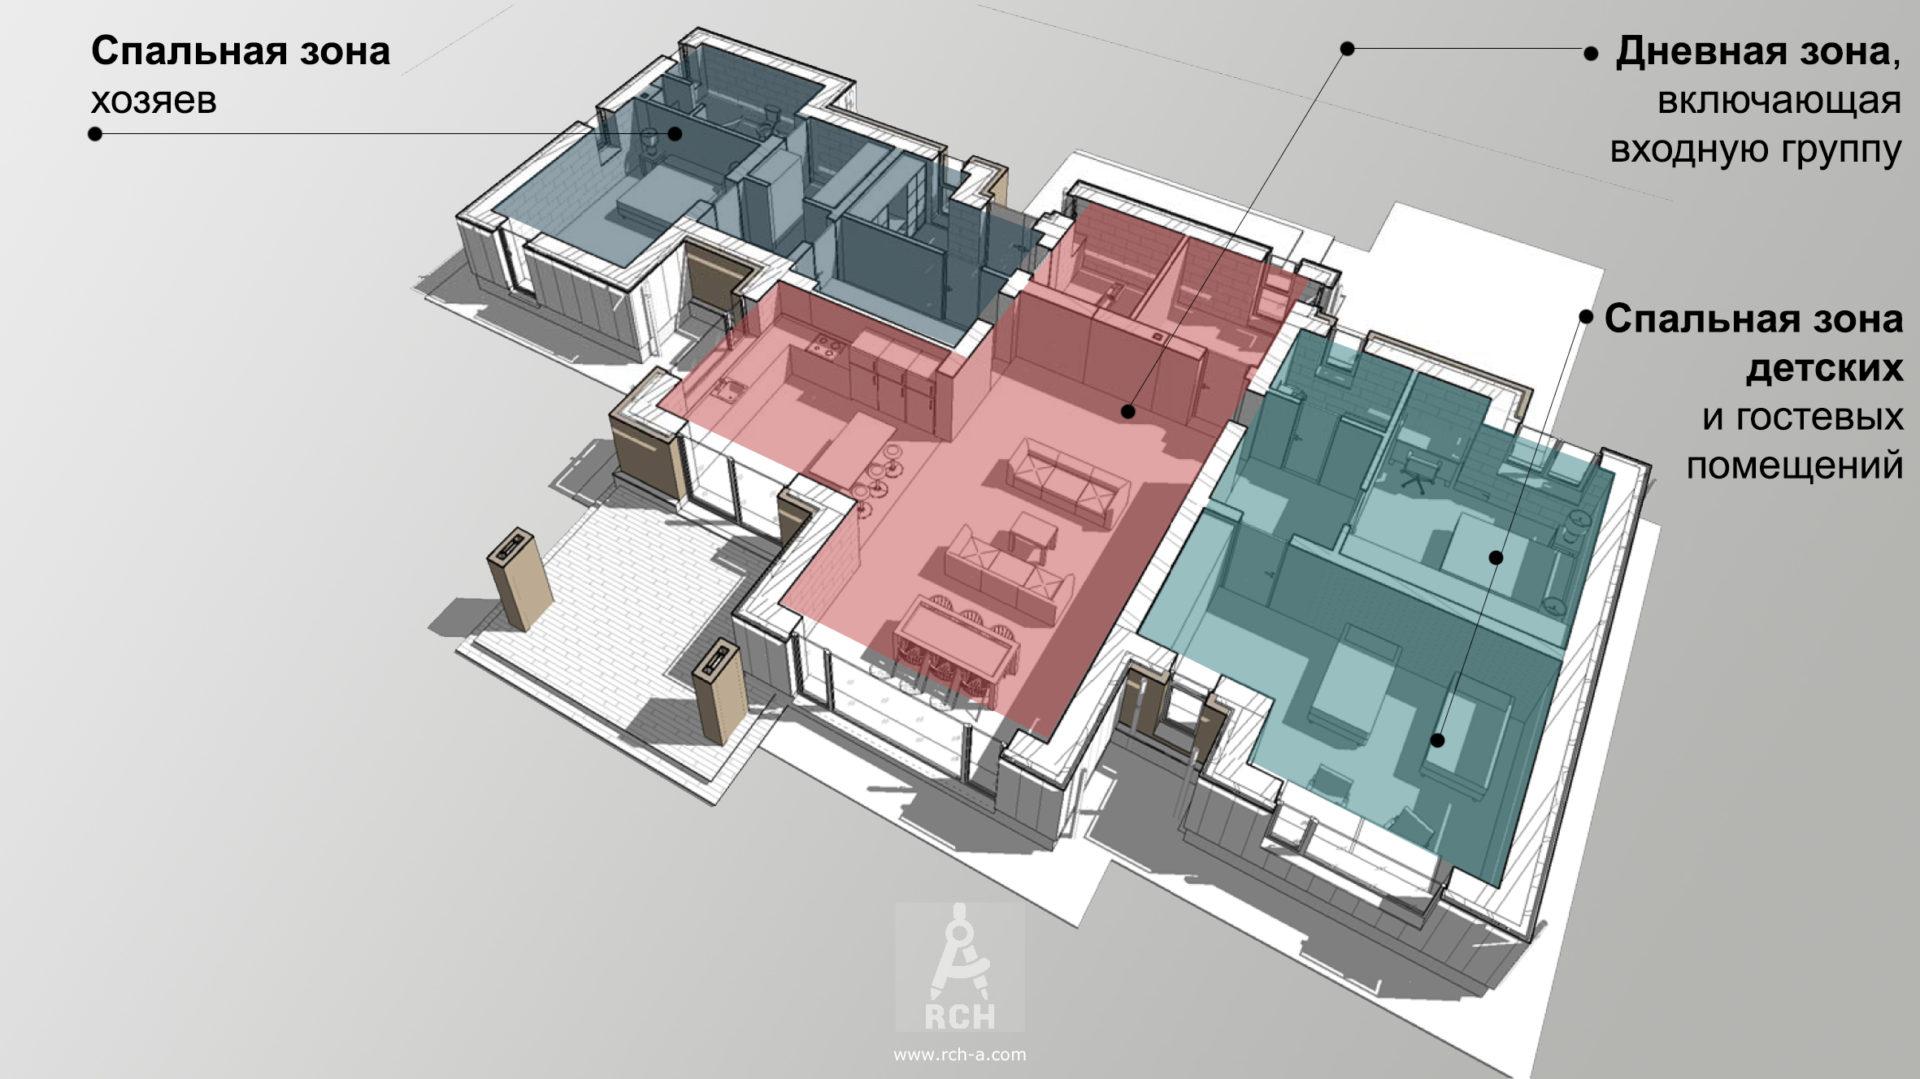 неоычная планировка одноэтажного жилого дома